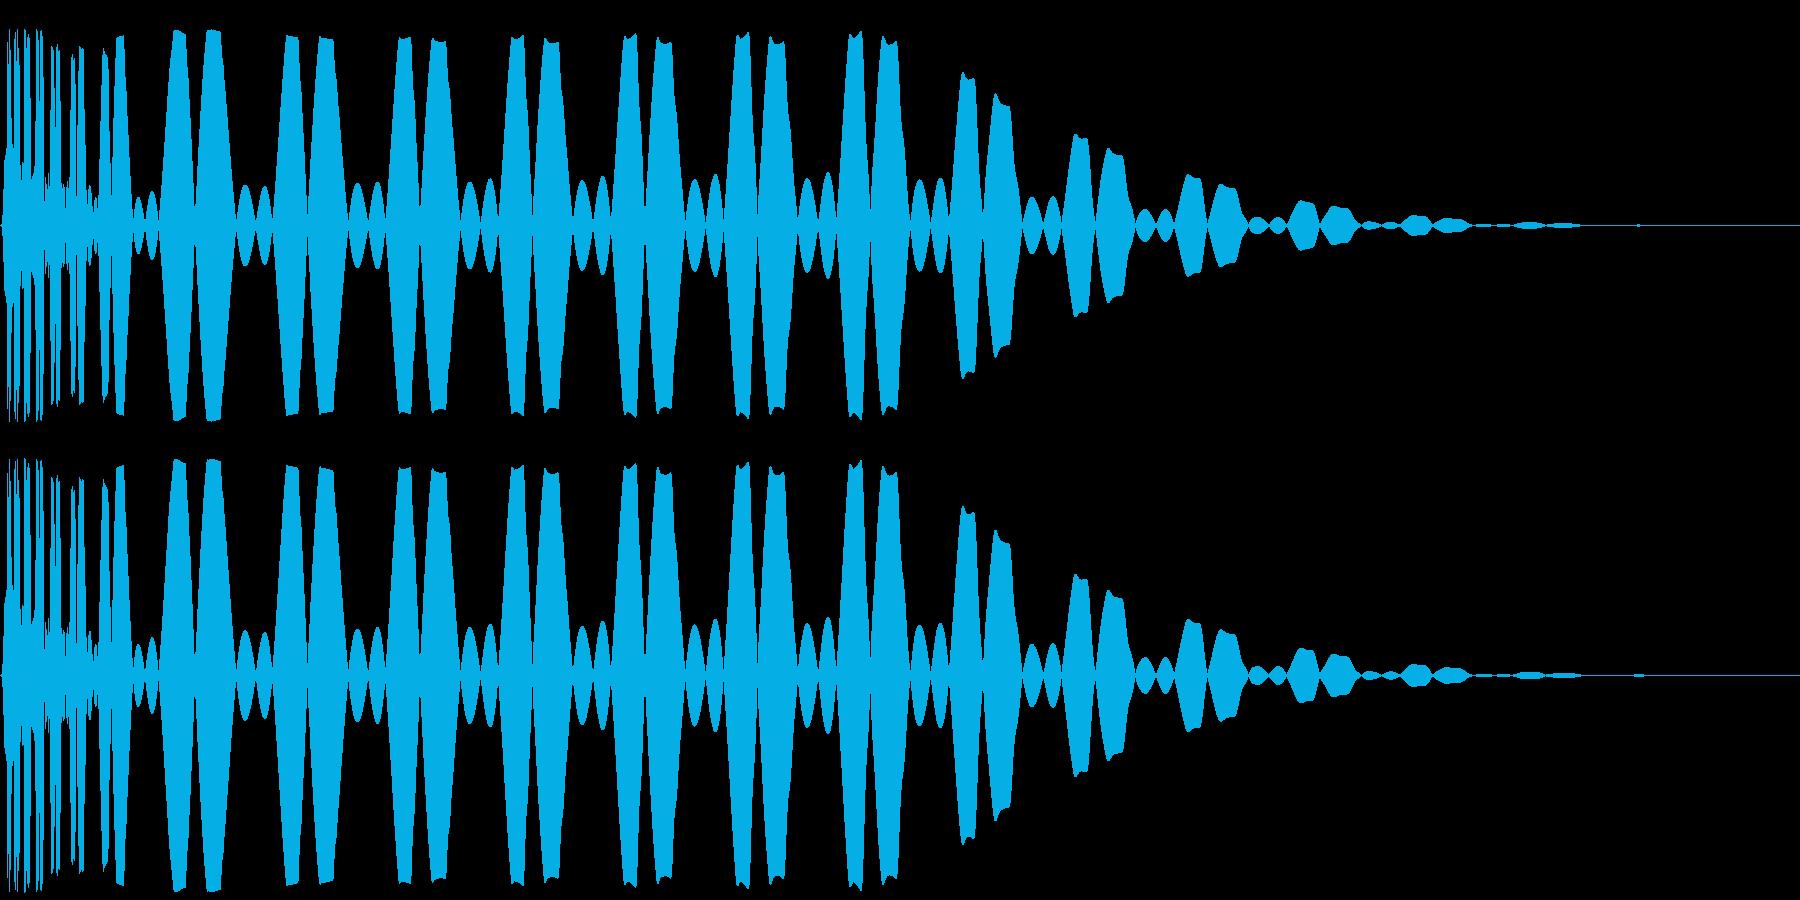 キック/ドラム/デジタル/Key-Cの再生済みの波形